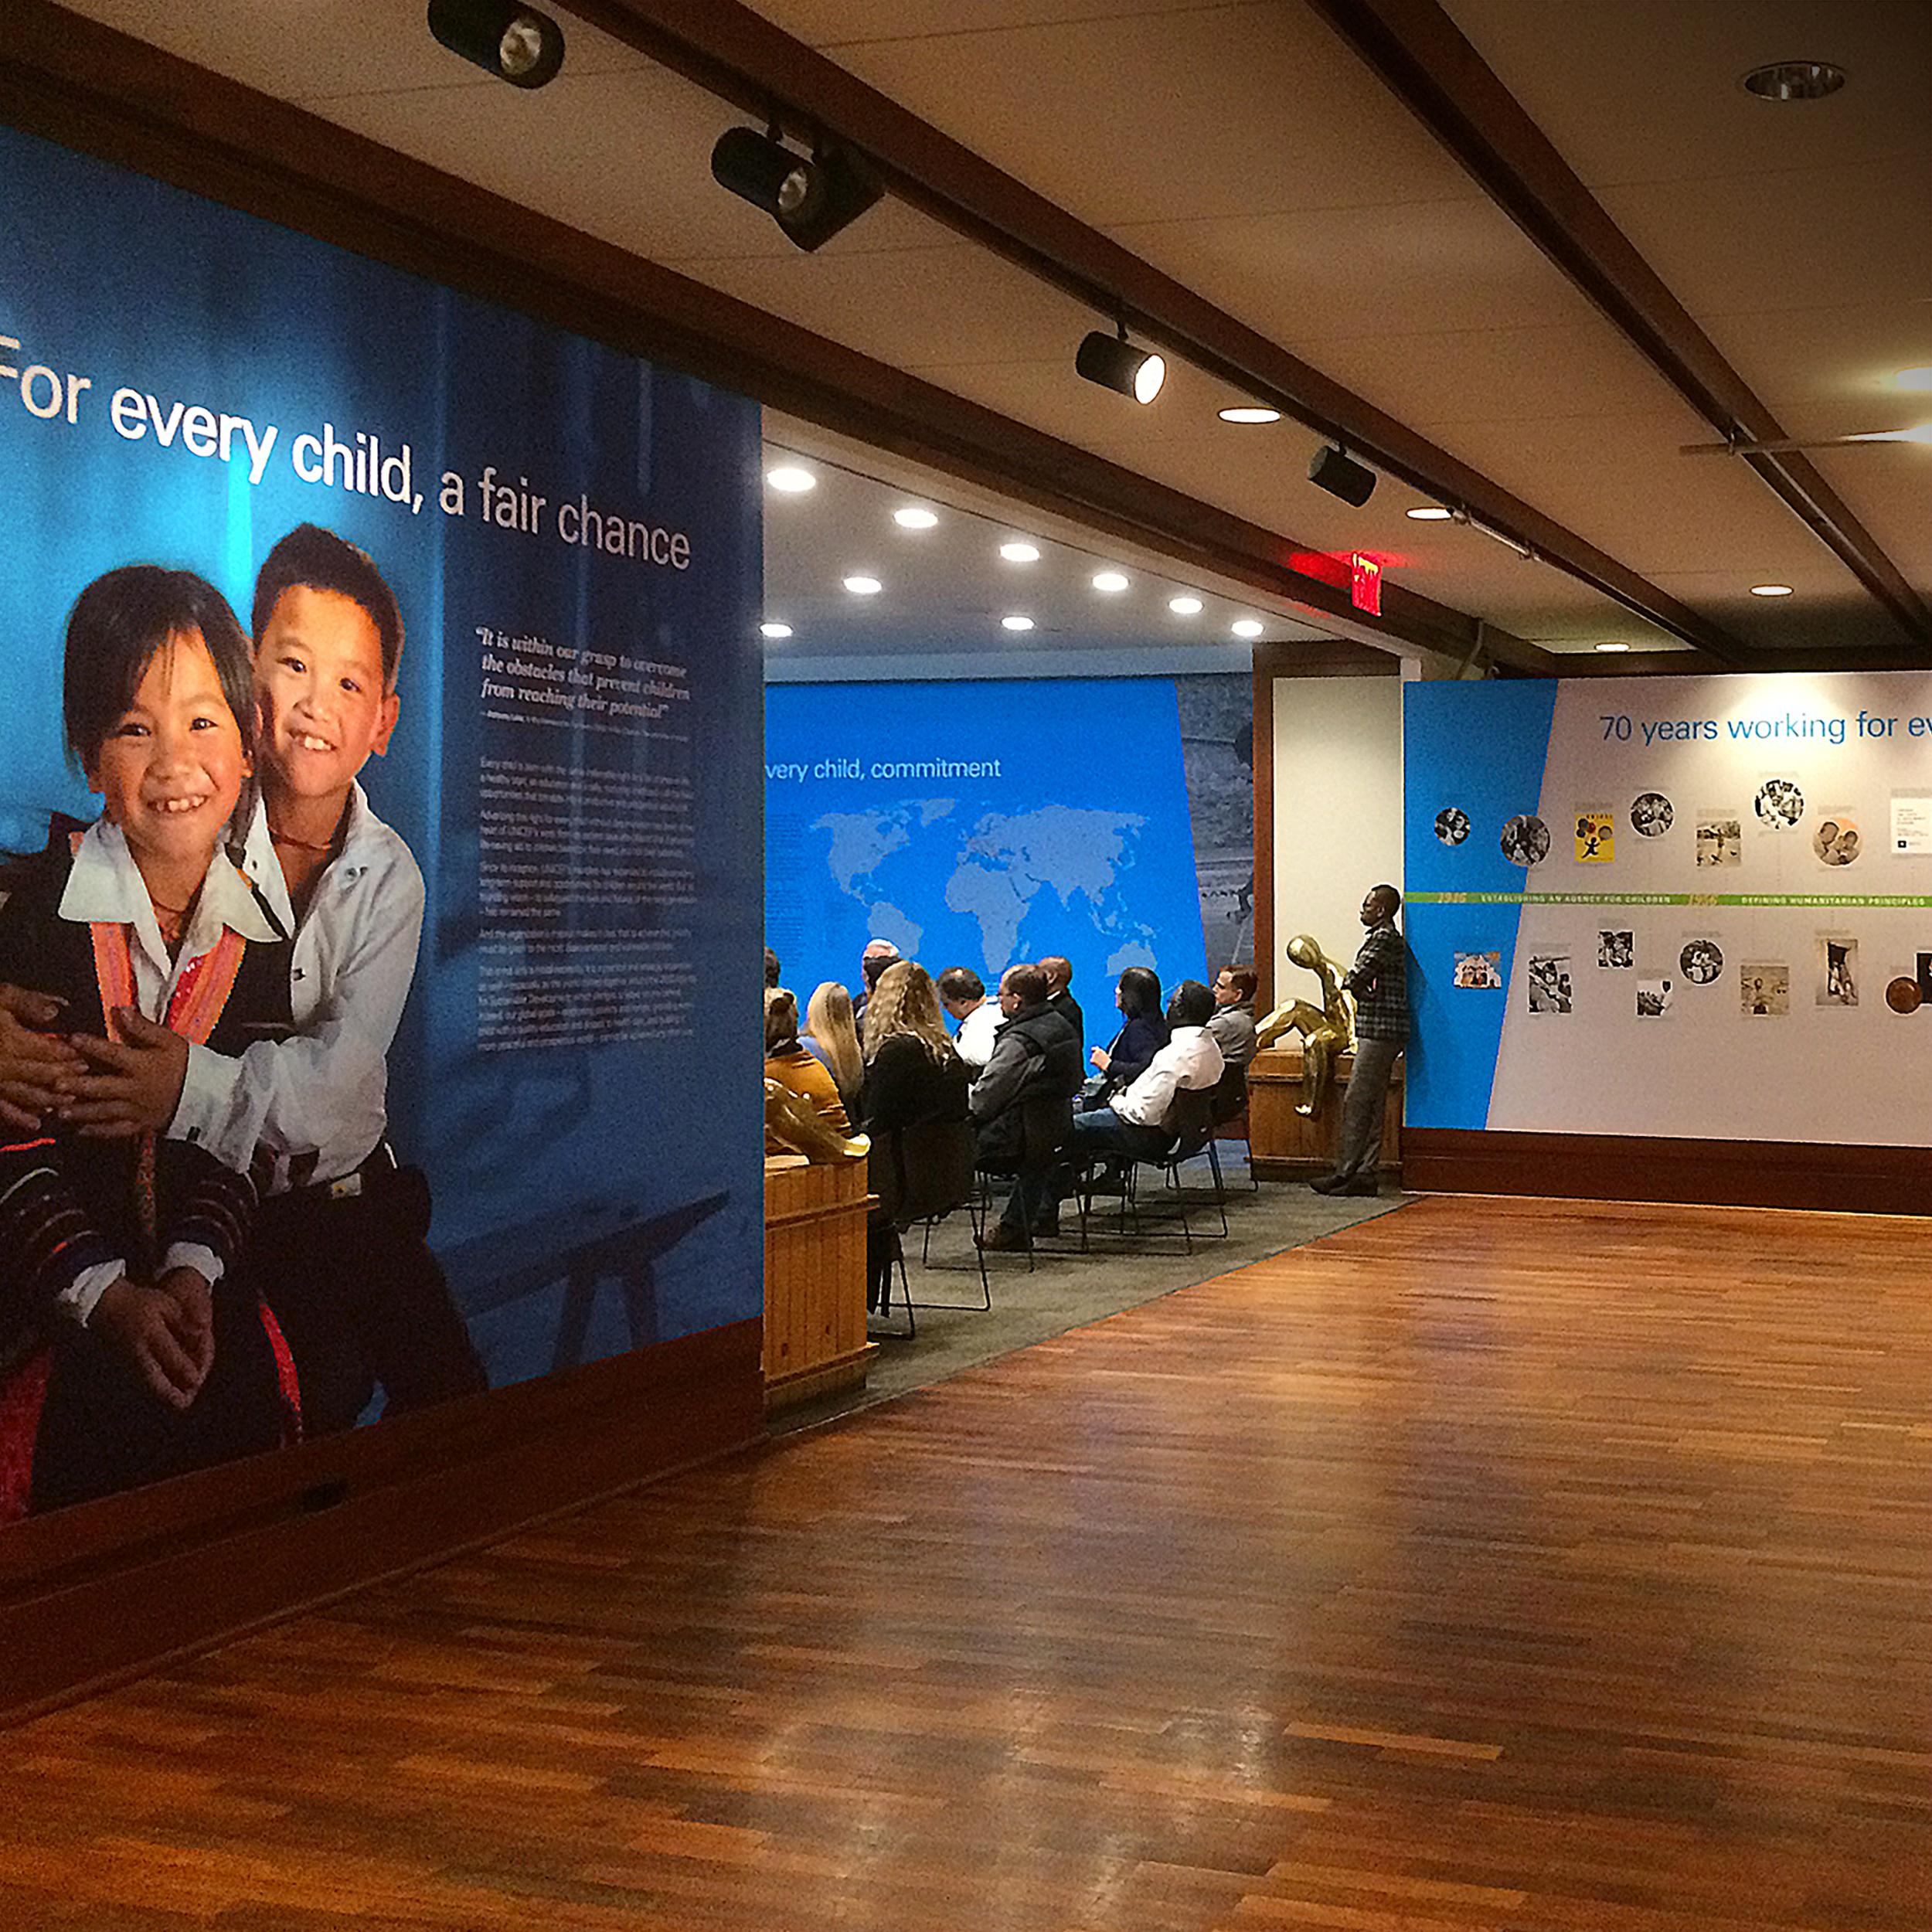 UNICEF_Exhibit_FairChance_2x.png